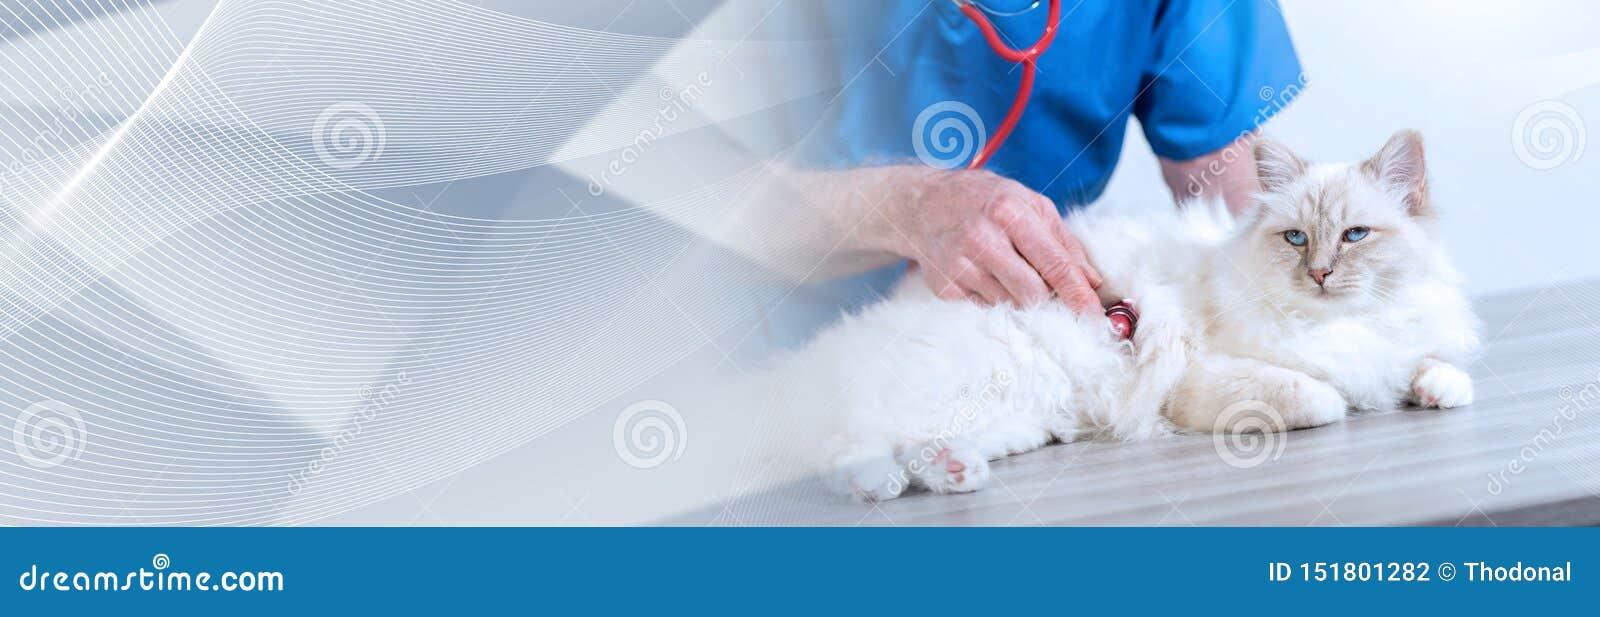 Veterinarian examining a sacred cat of burma; panoramic banner